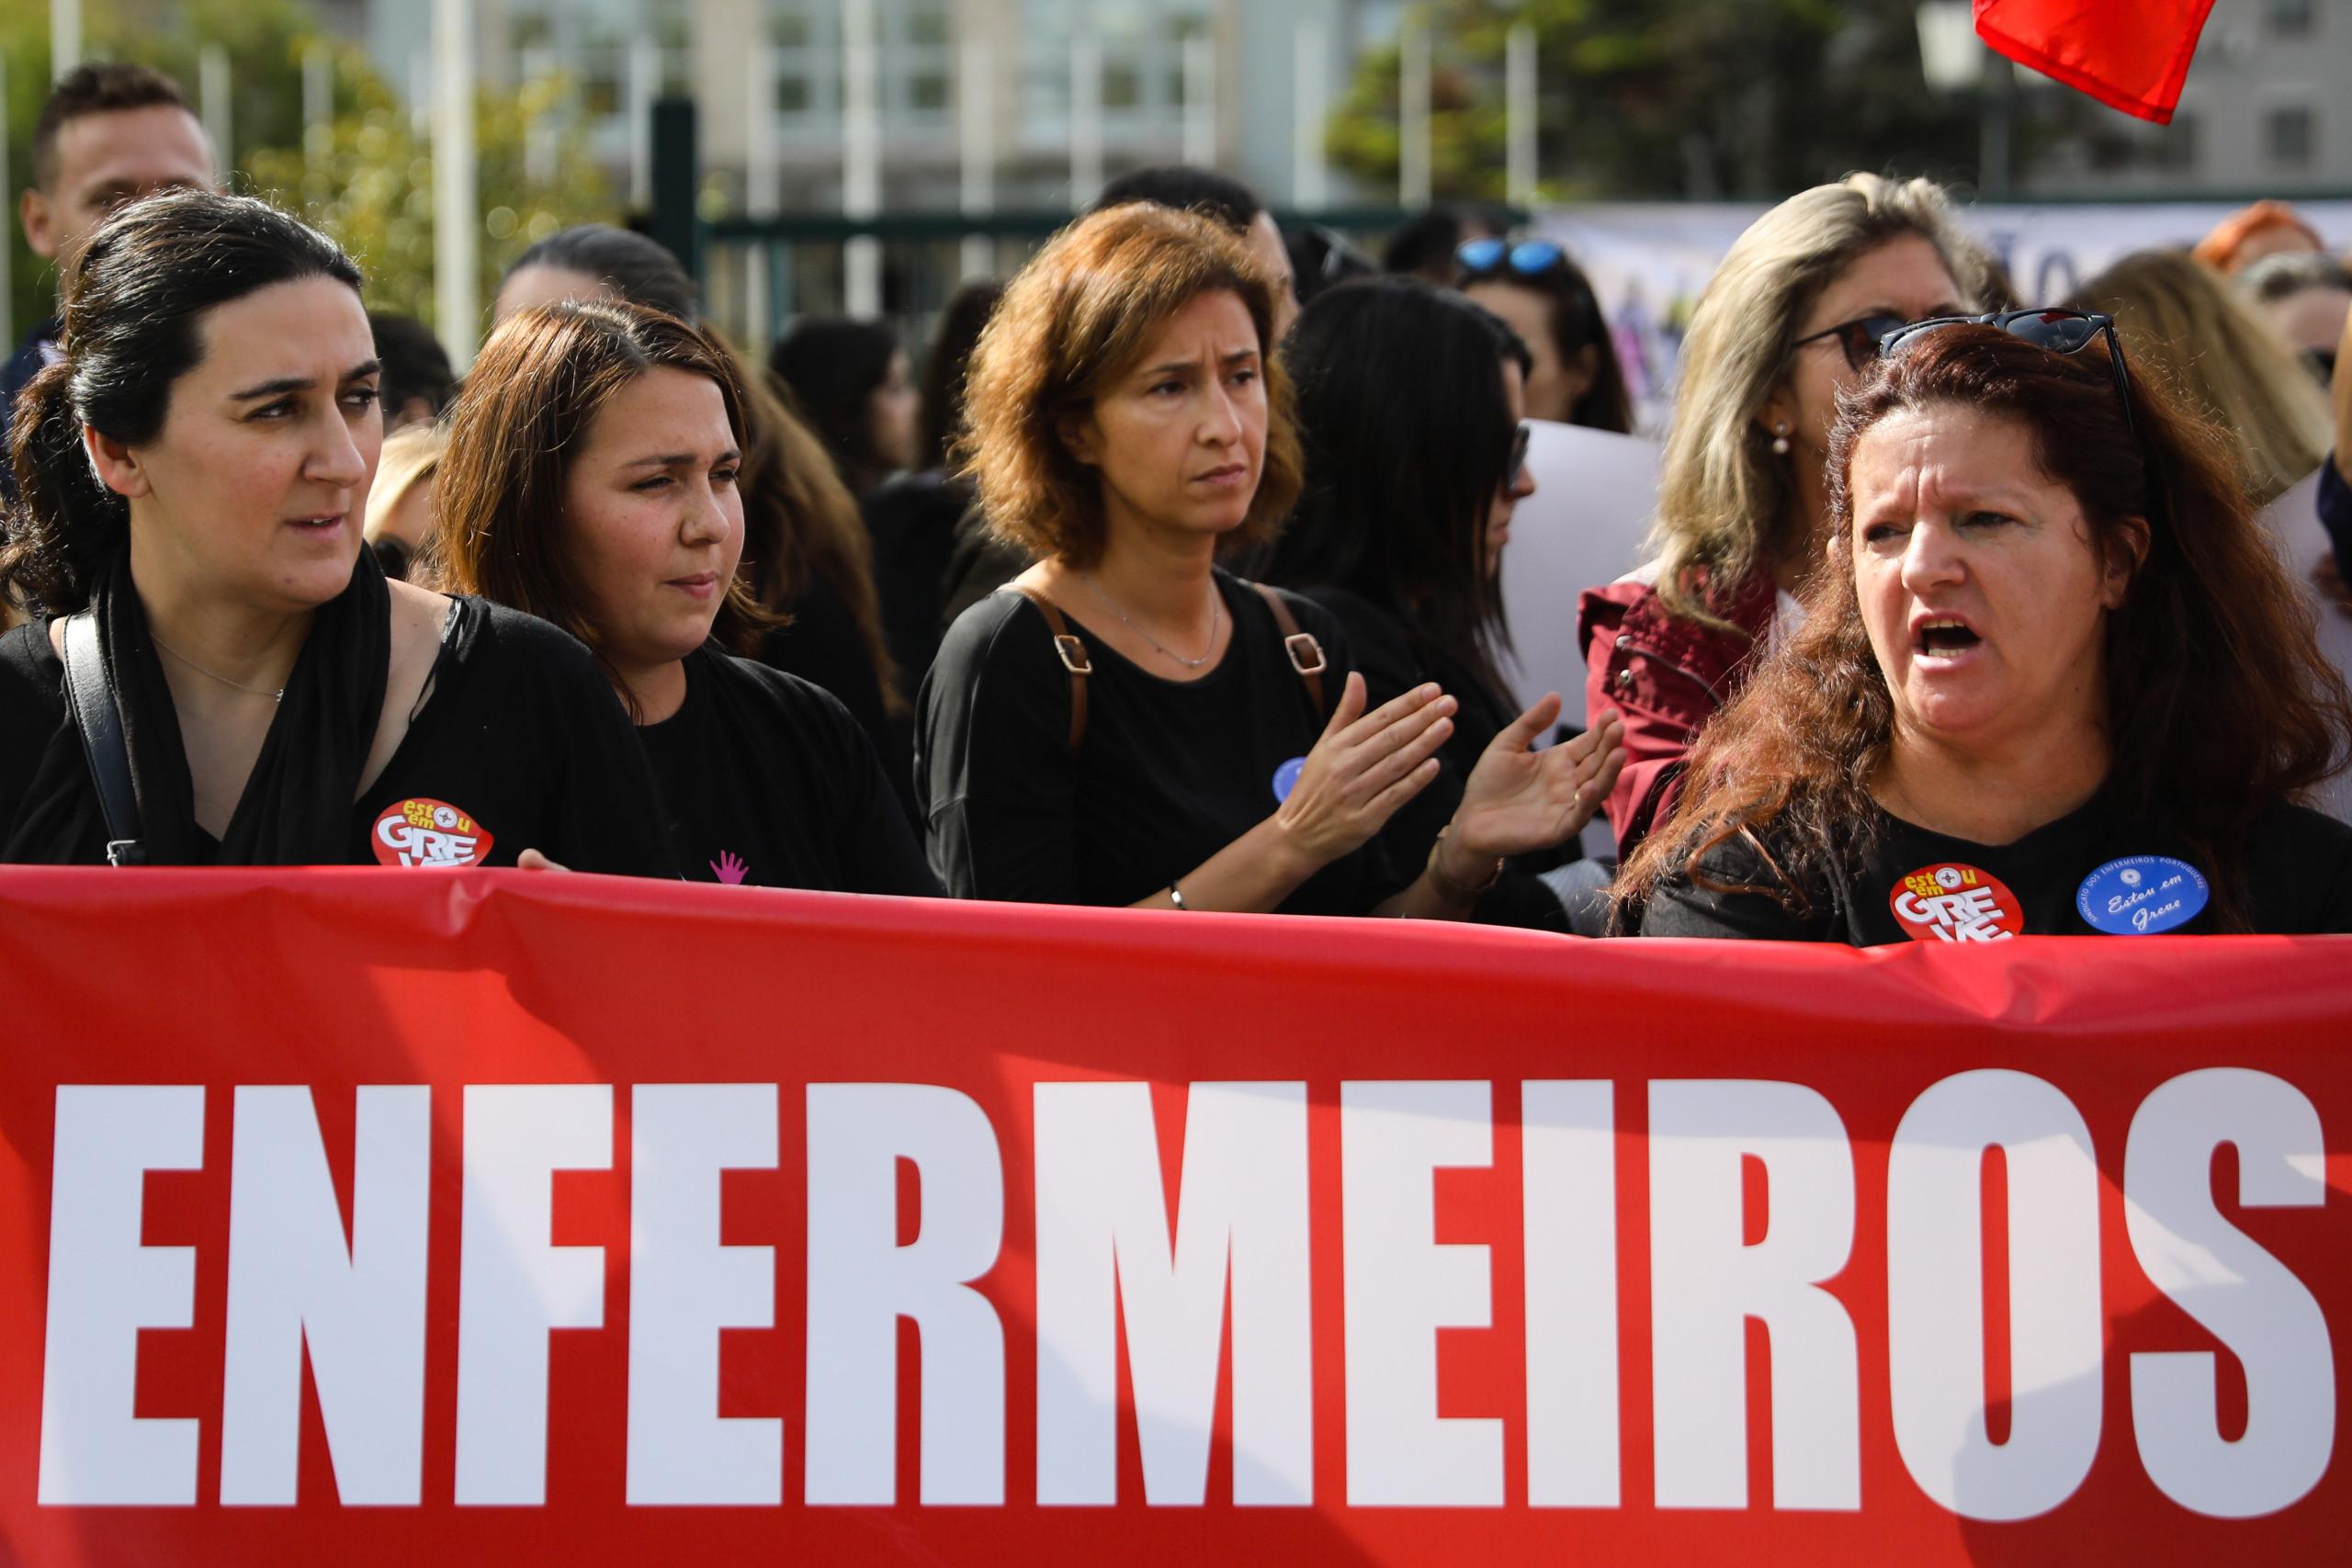 Adesão à greve dos enfermeiros nos 100% em Porto, Viseu e Faro